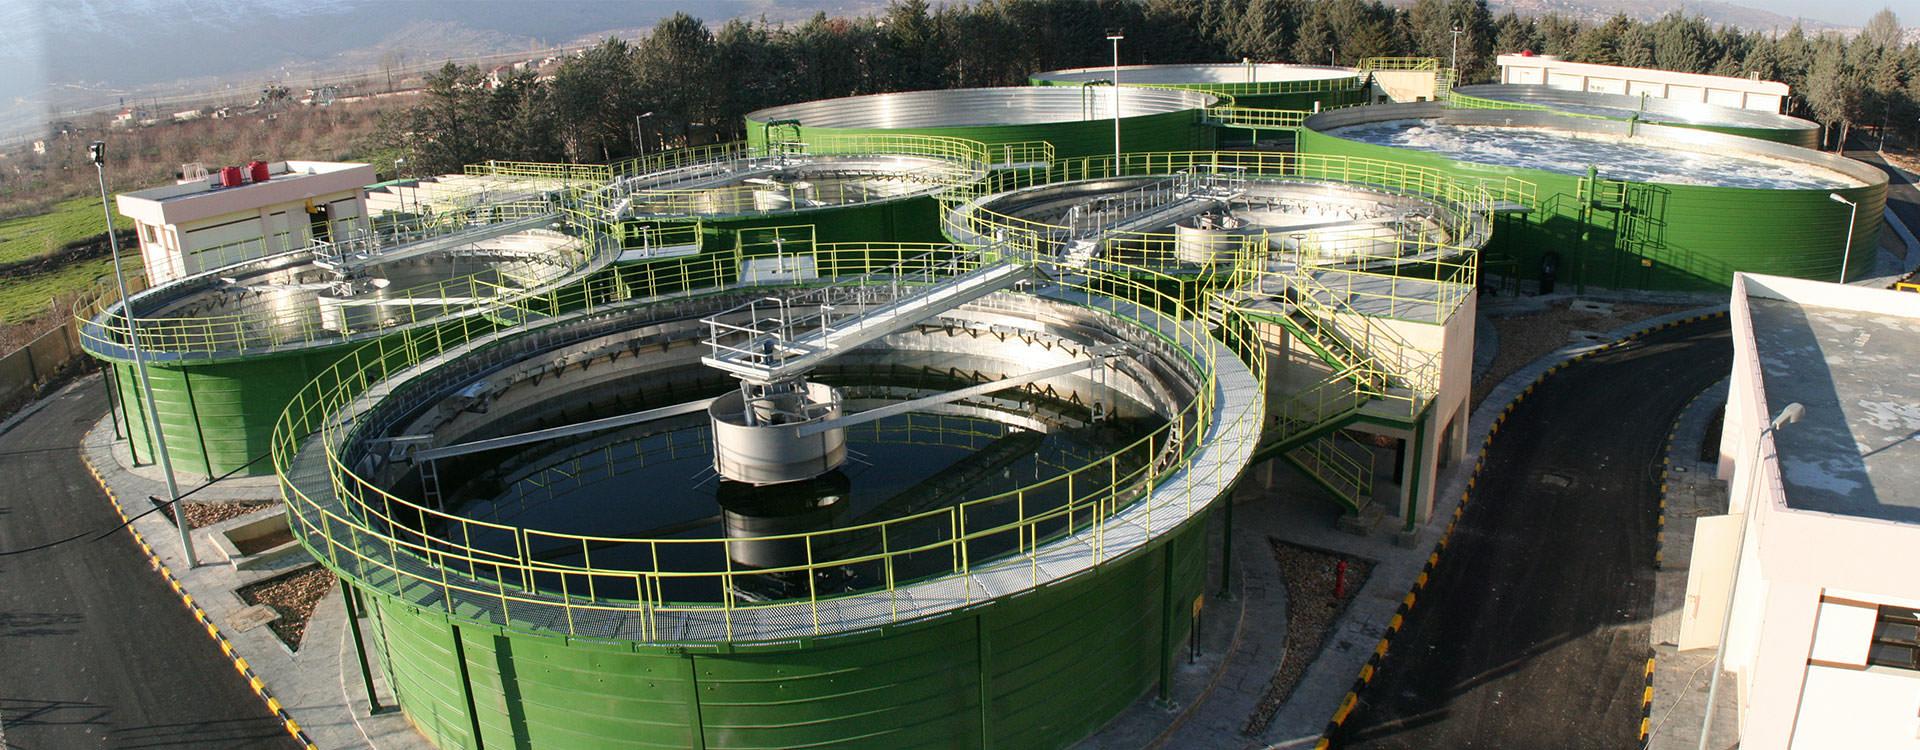 Image Slider Abwasser Anlage - Lipp System